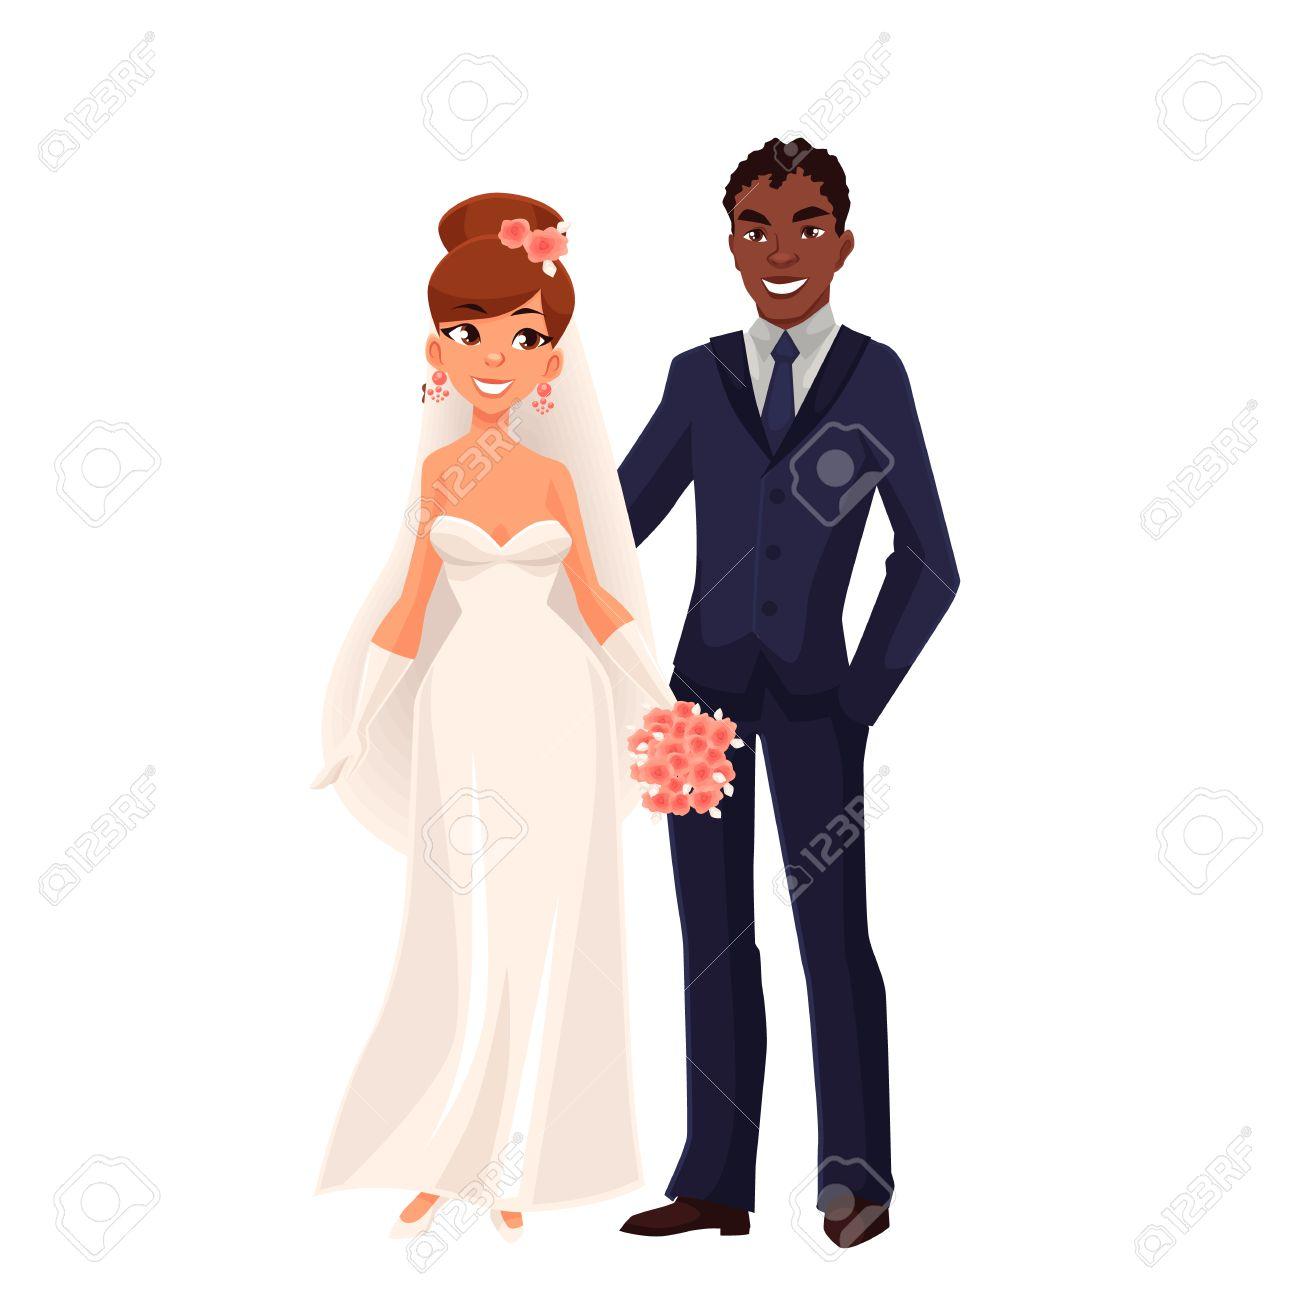 Mariee Blanche Et Le Marie D Afrique Tout Couple Marie Bande